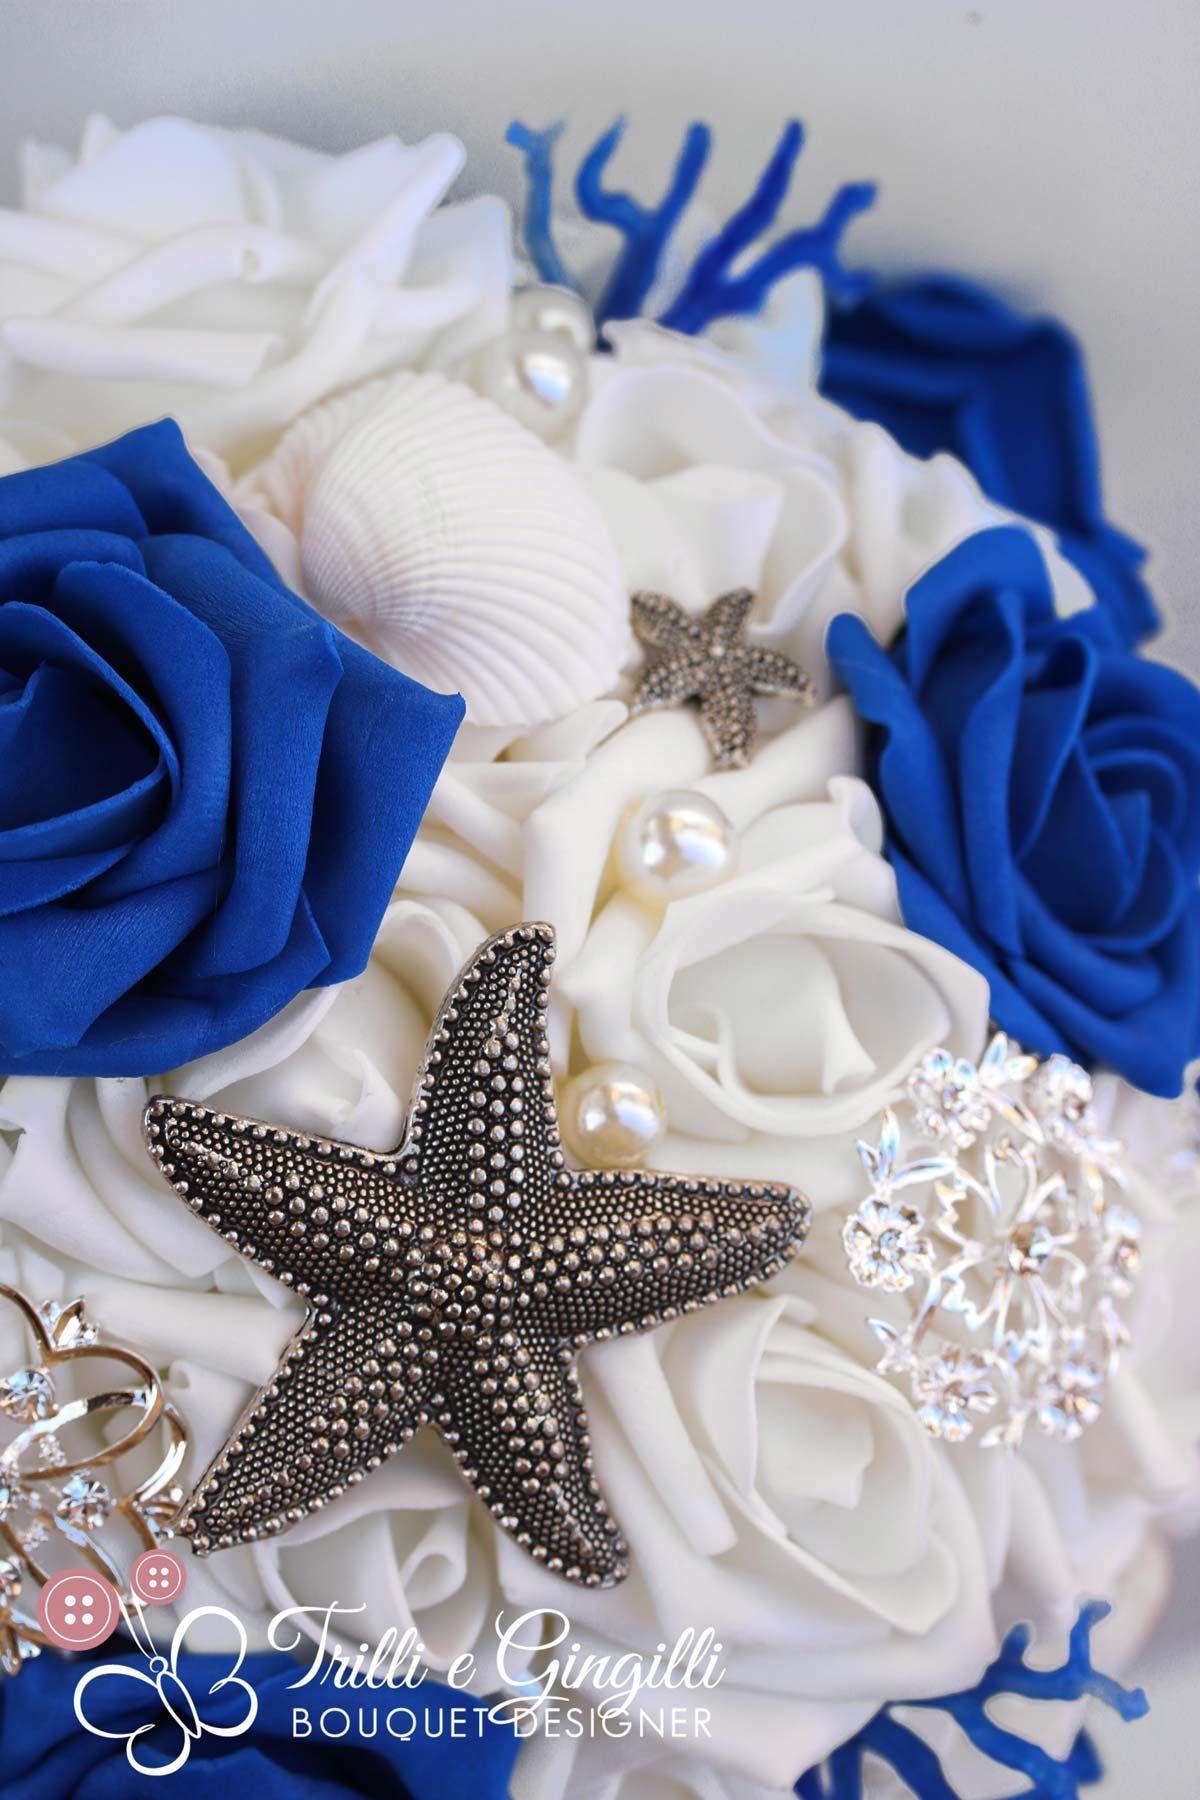 Bouquet Sposa Mare.Bouquet Sposa Gioiello Blu Stelle Marine Coralli Conchiglie